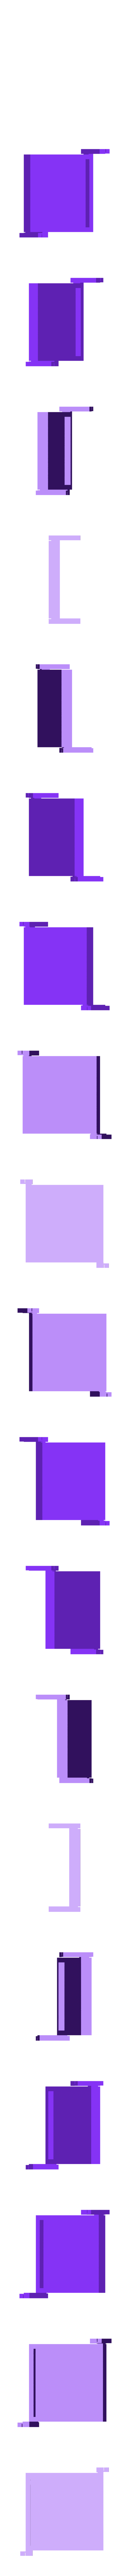 Lid.stl Télécharger fichier STL gratuit Une simple boîte secrète • Objet imprimable en 3D, gzumwalt